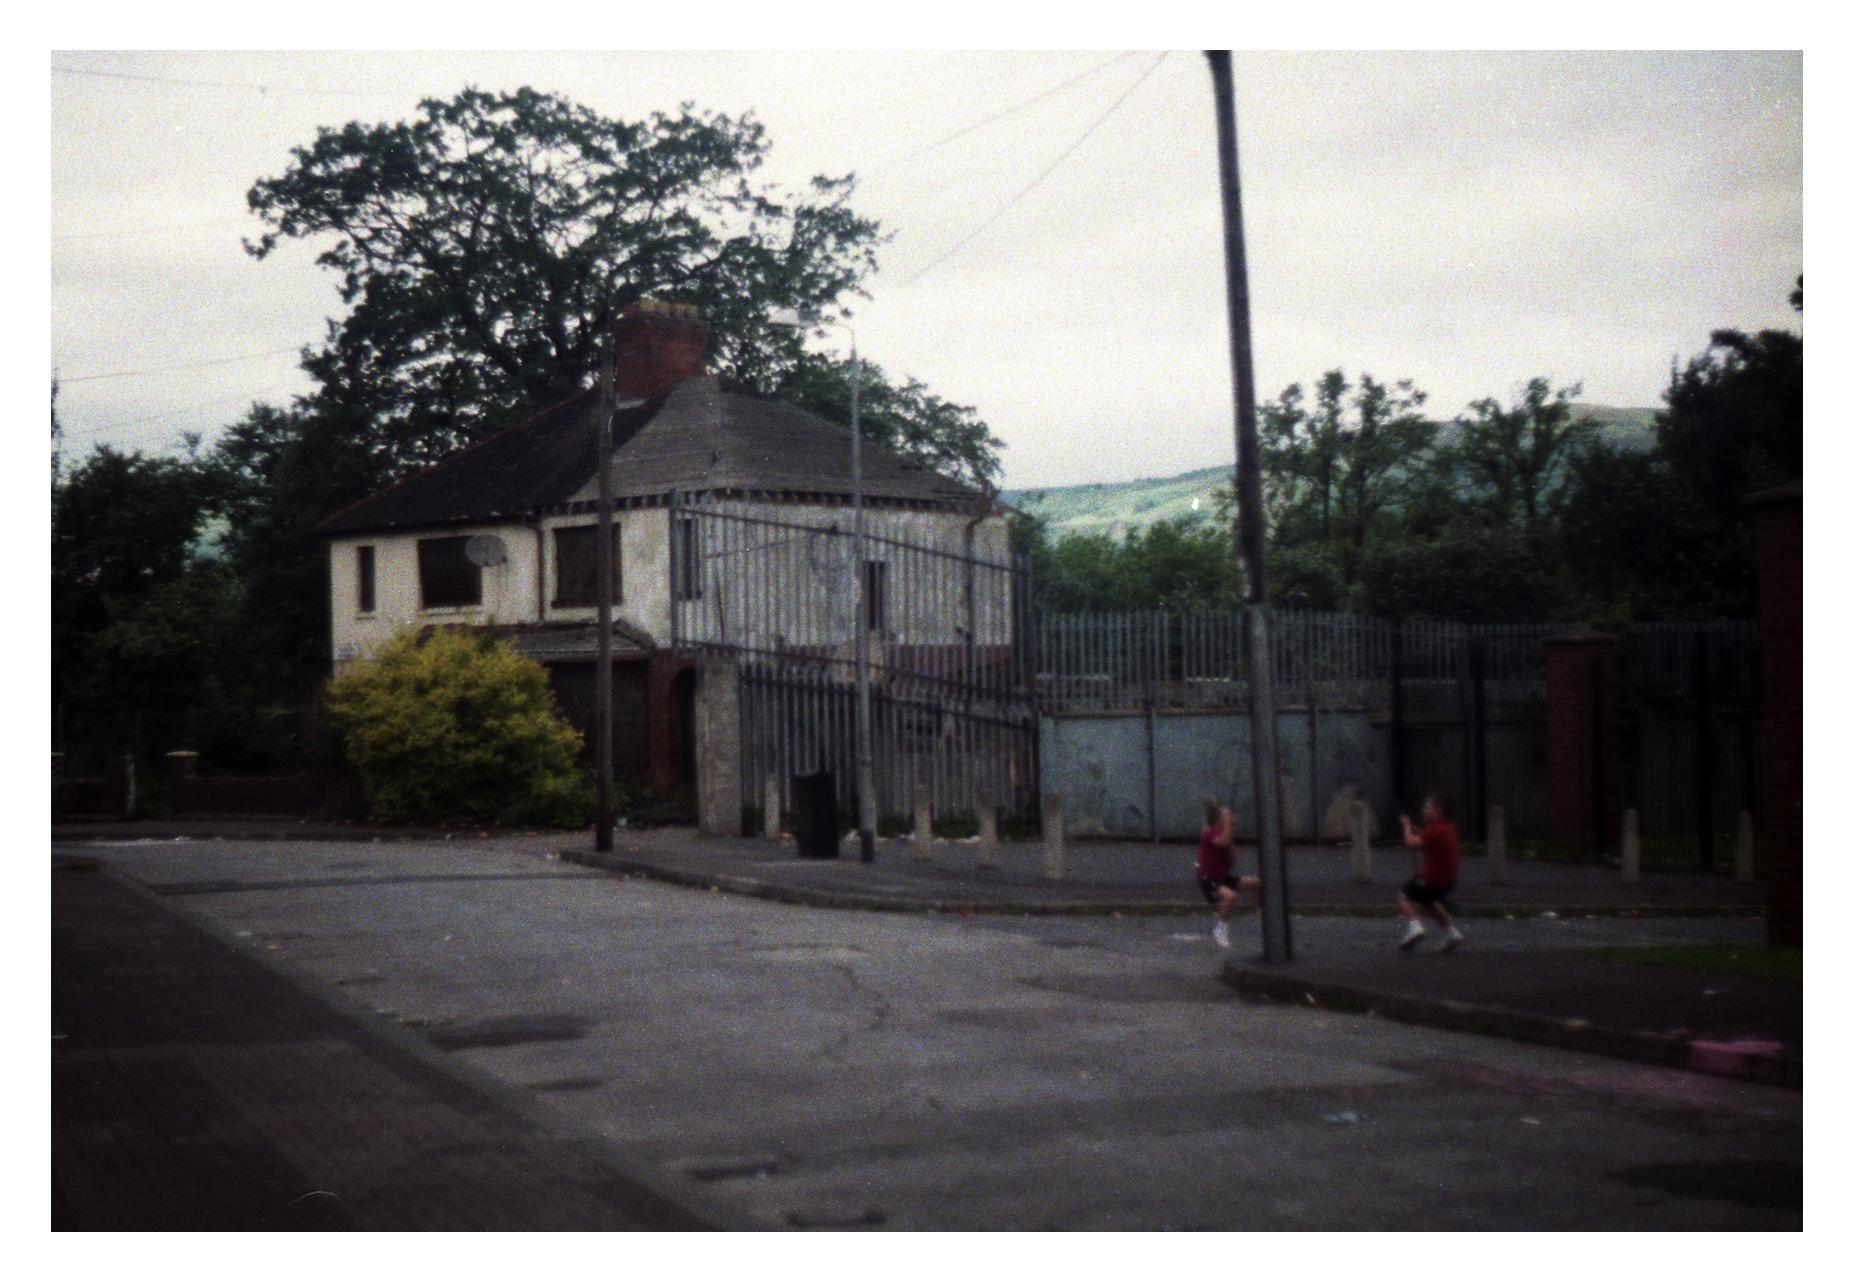 LimestoneRoad_BelfastSwing_Kids_bdr.jpg